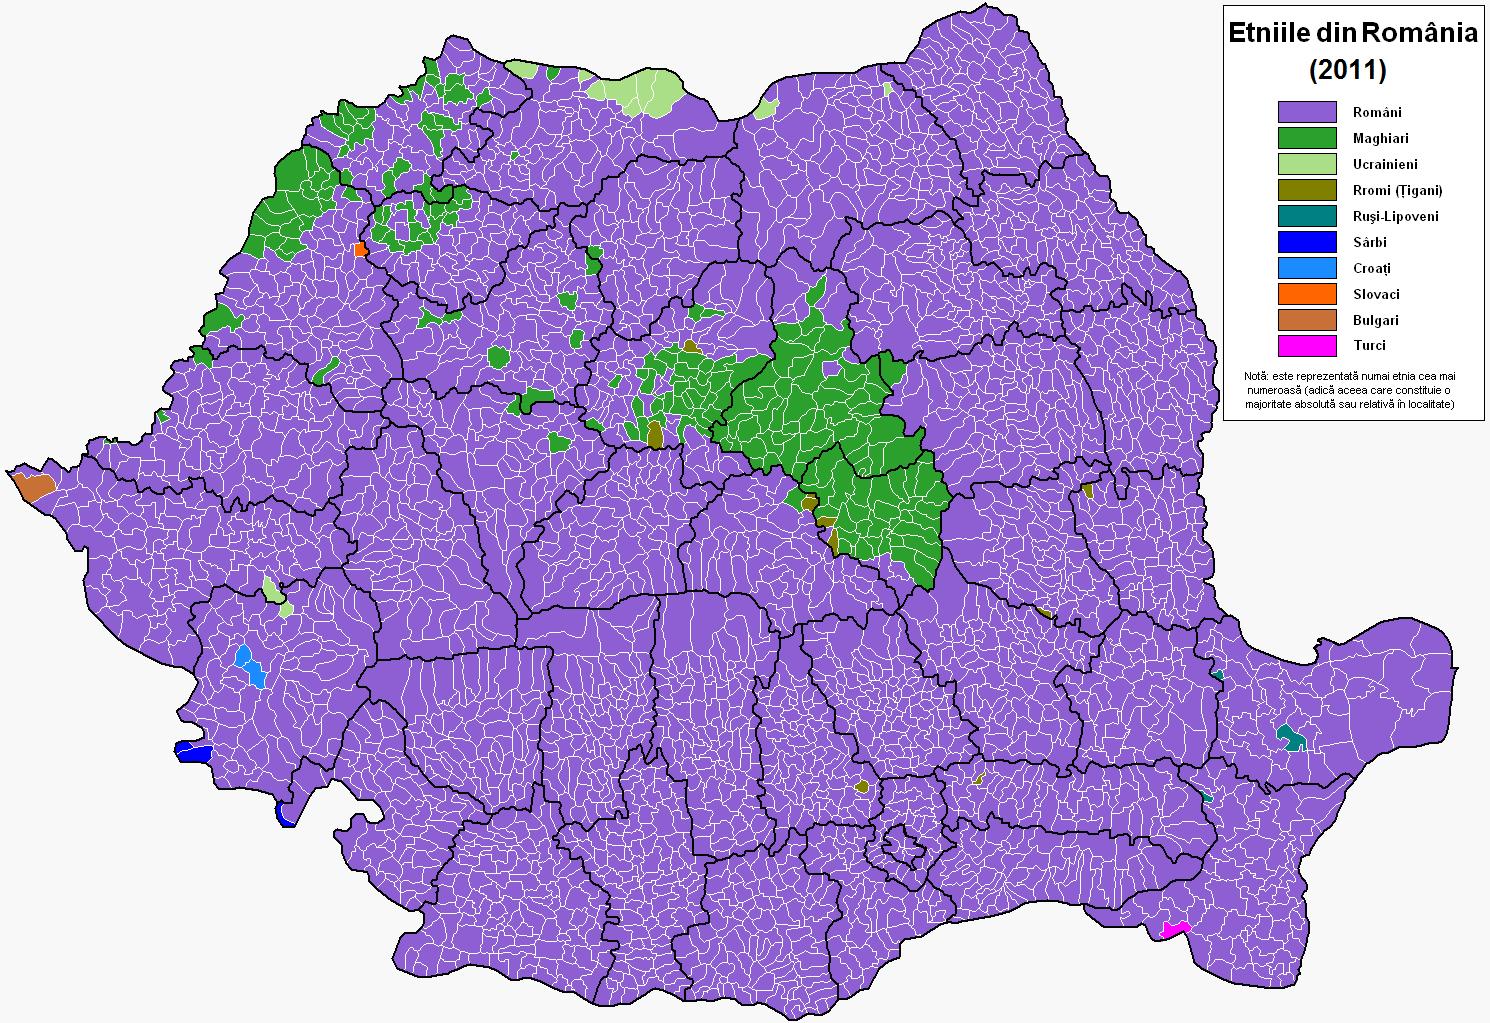 Erdély, Partium, a Bánság keleti része, Máramaros déli része (Románia)